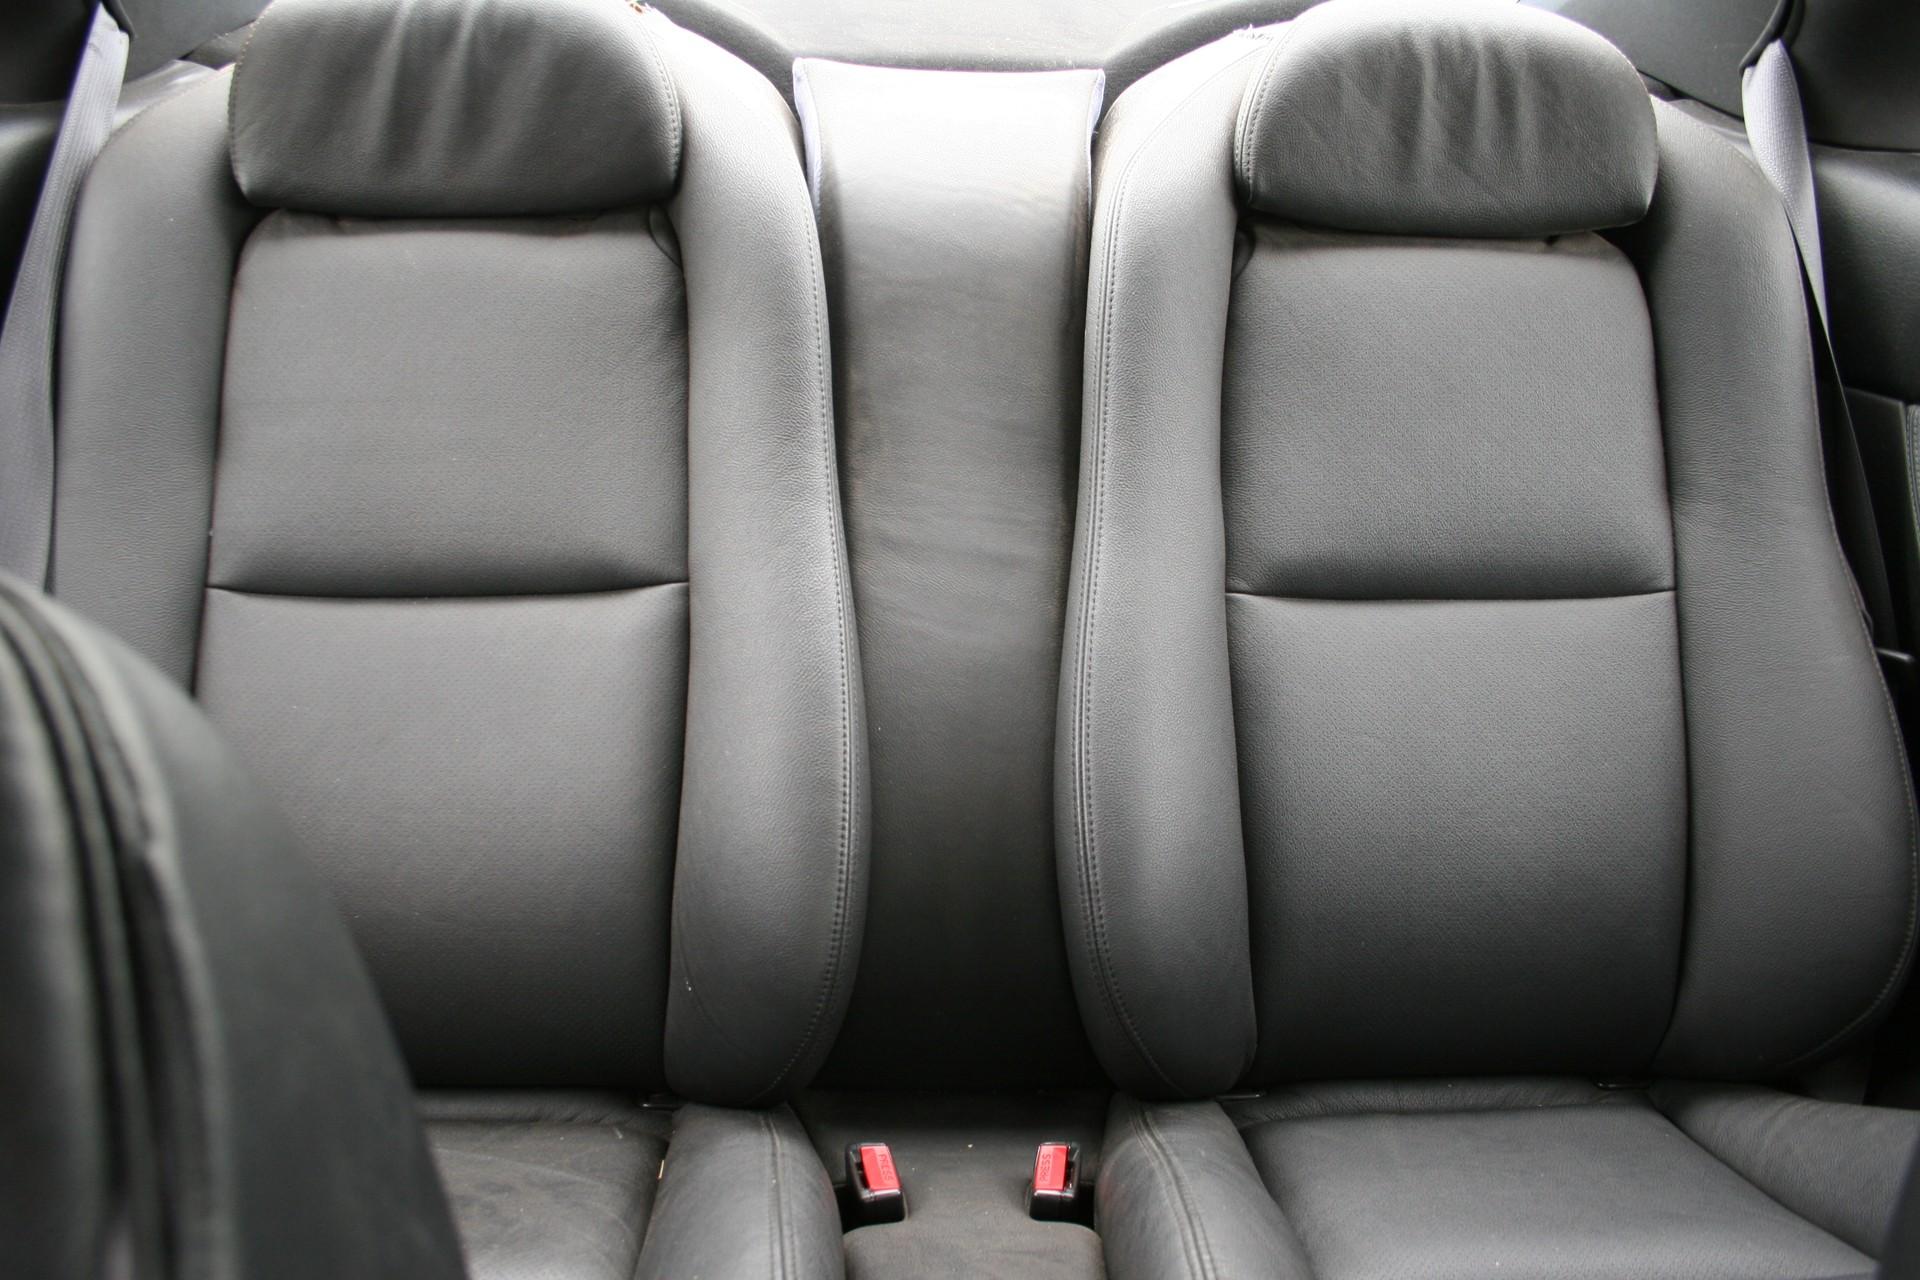 10th Image of a 2004 PONTIAC GTO